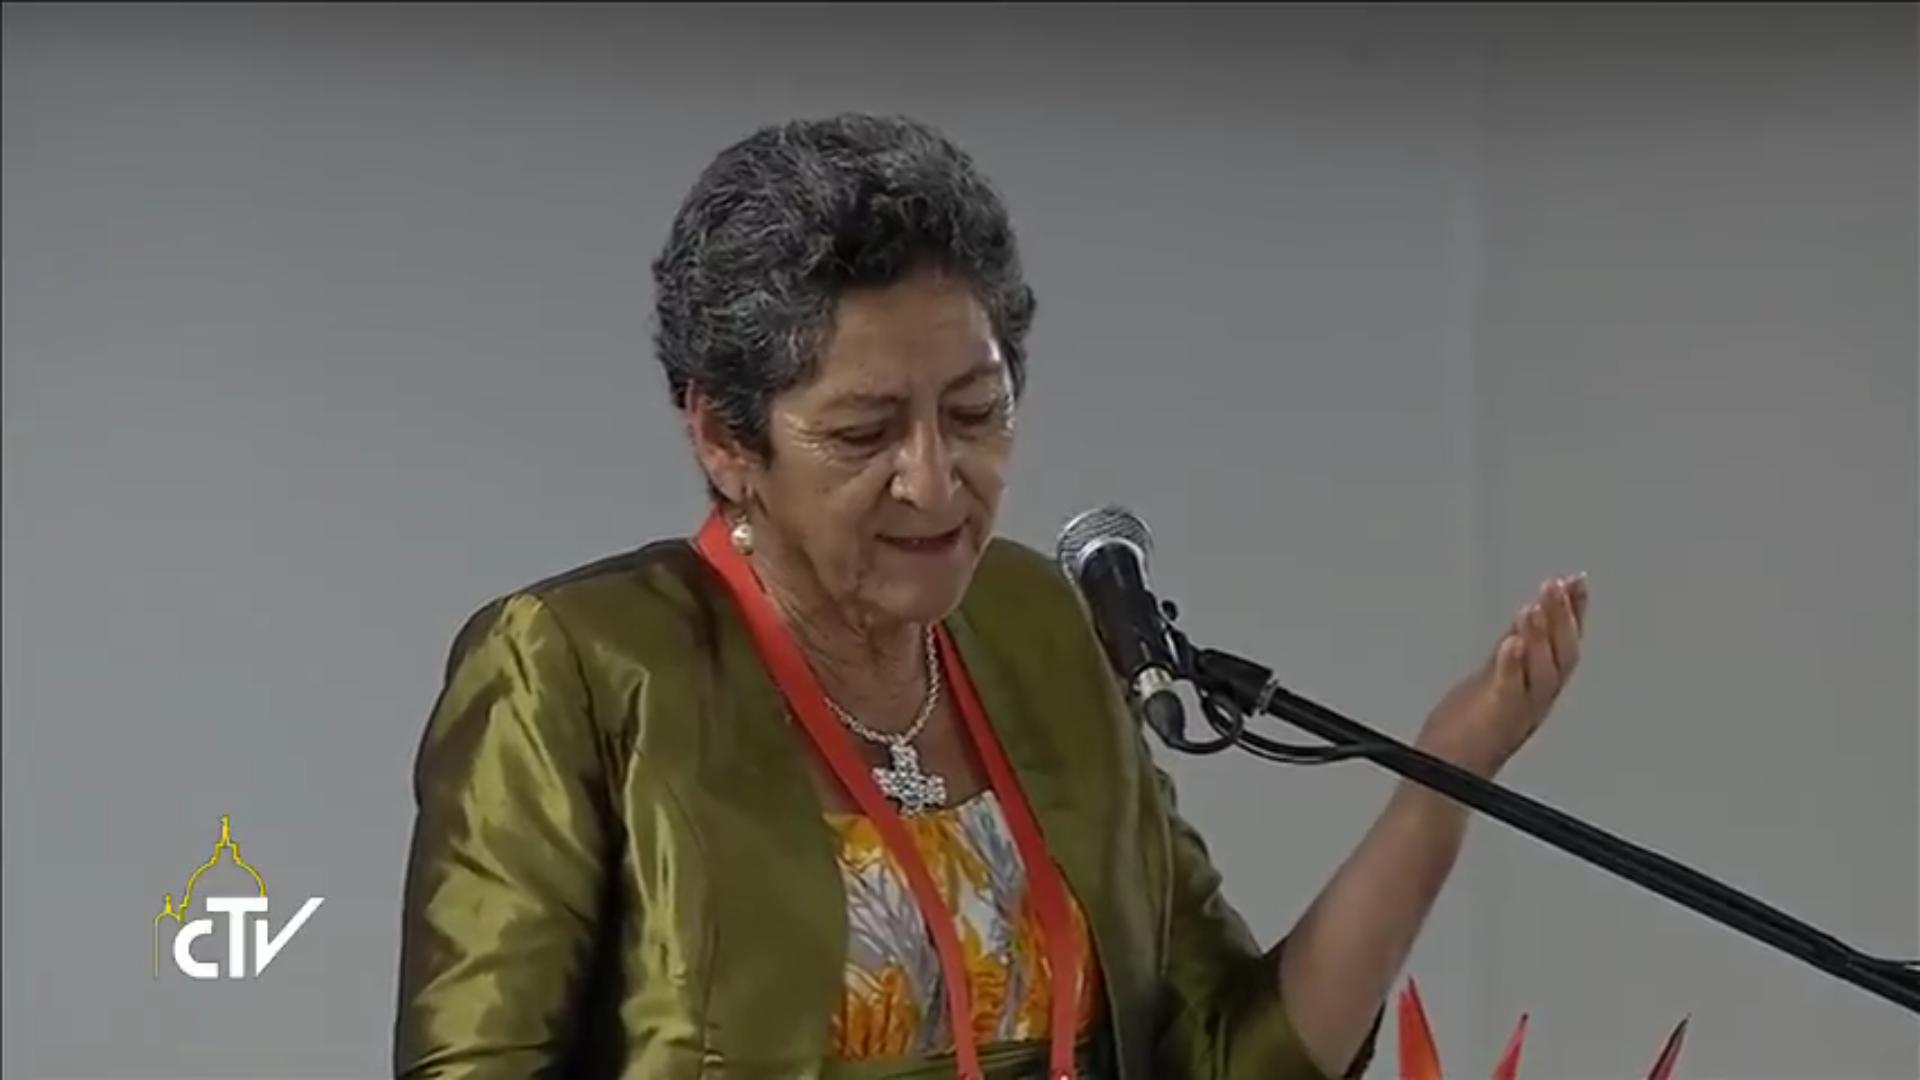 Pastora Mira, Réconciliation nationale, Villavicencio (Colombie) 08/07/2017, capture CTV